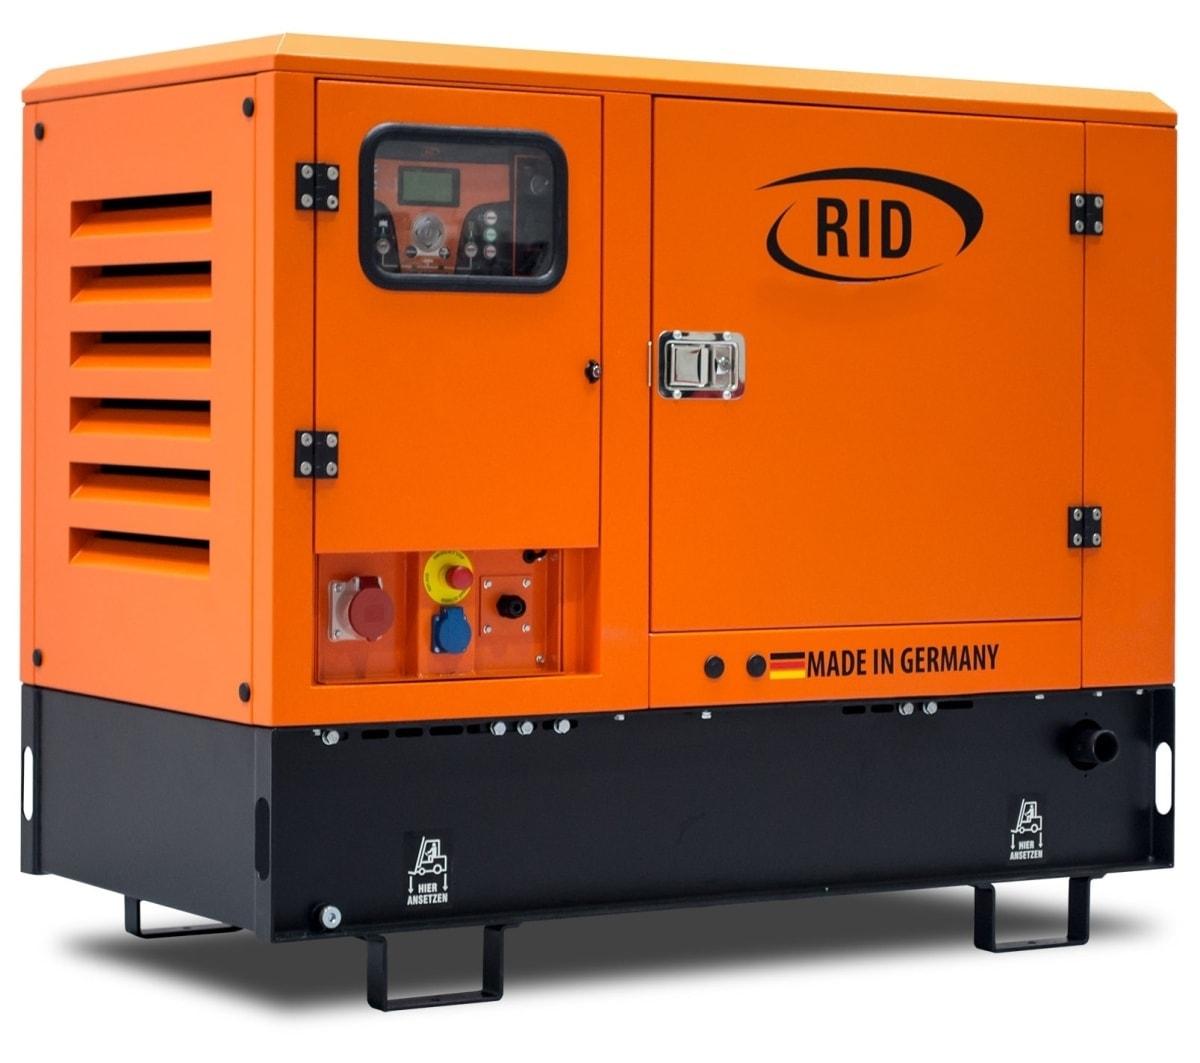 дизельная электростанция rid 15/1 e-series s